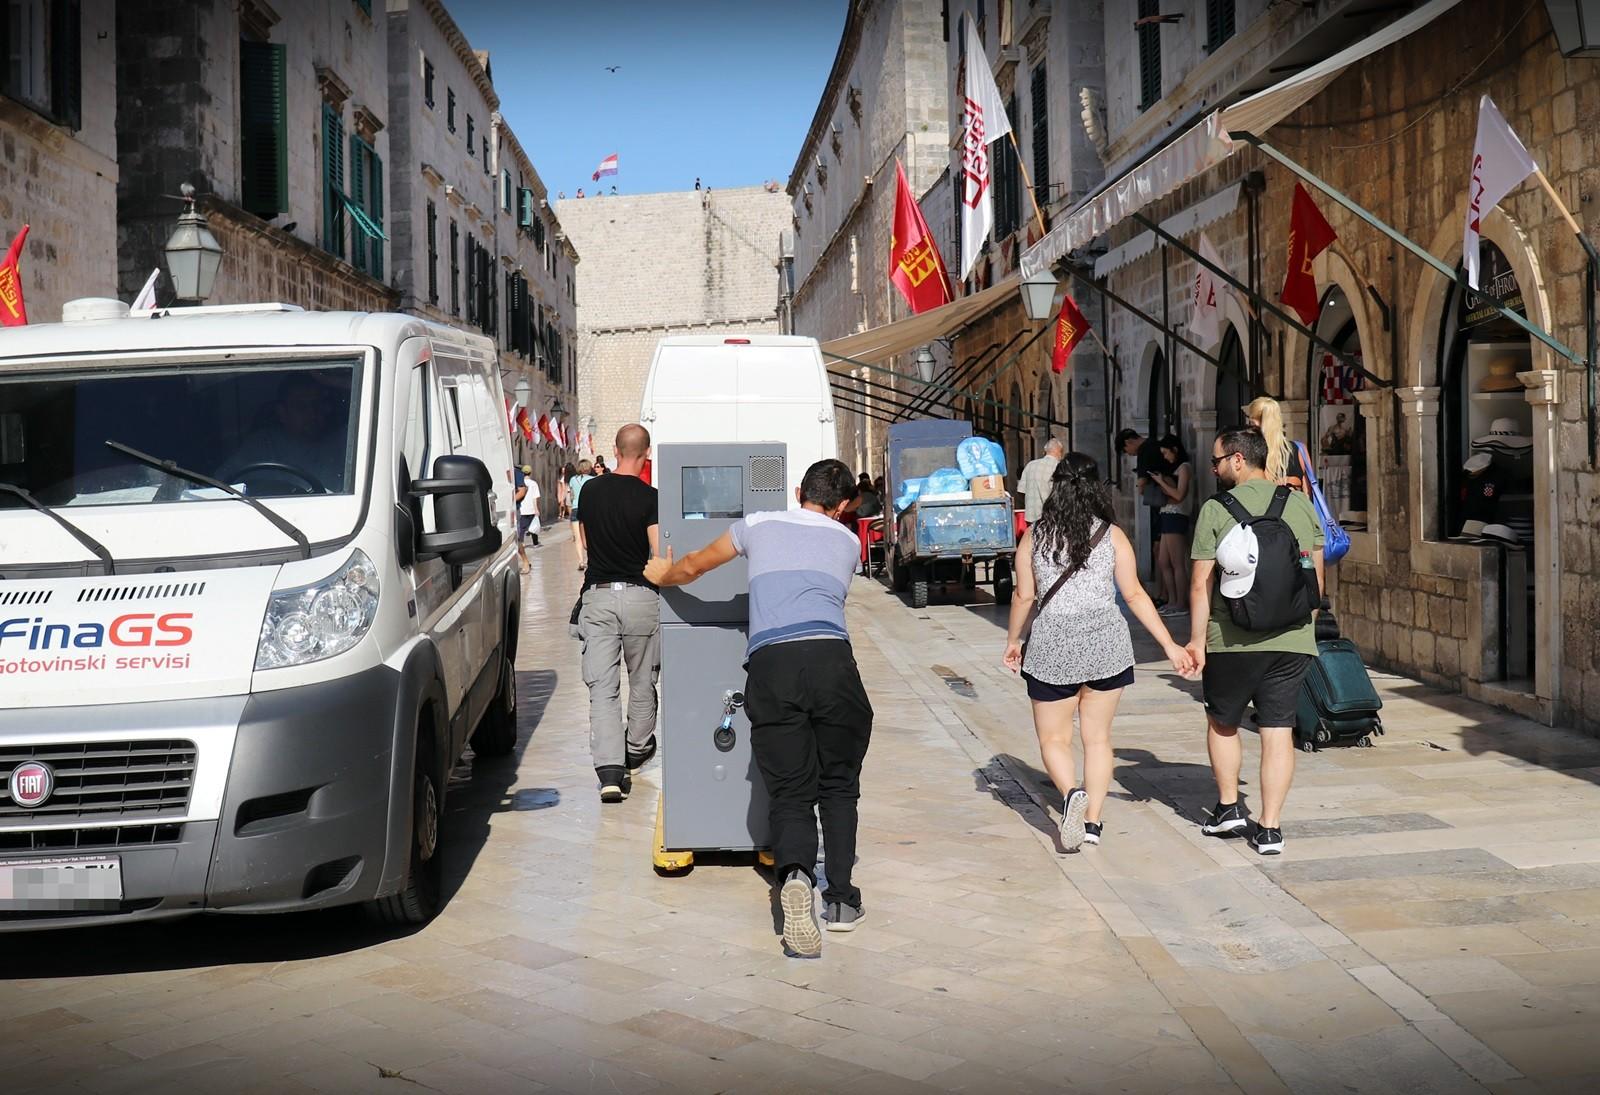 Nova potvrda ispravnosti postupanja Grada Dubrovnika s nelegalno postavljenim bankomatima